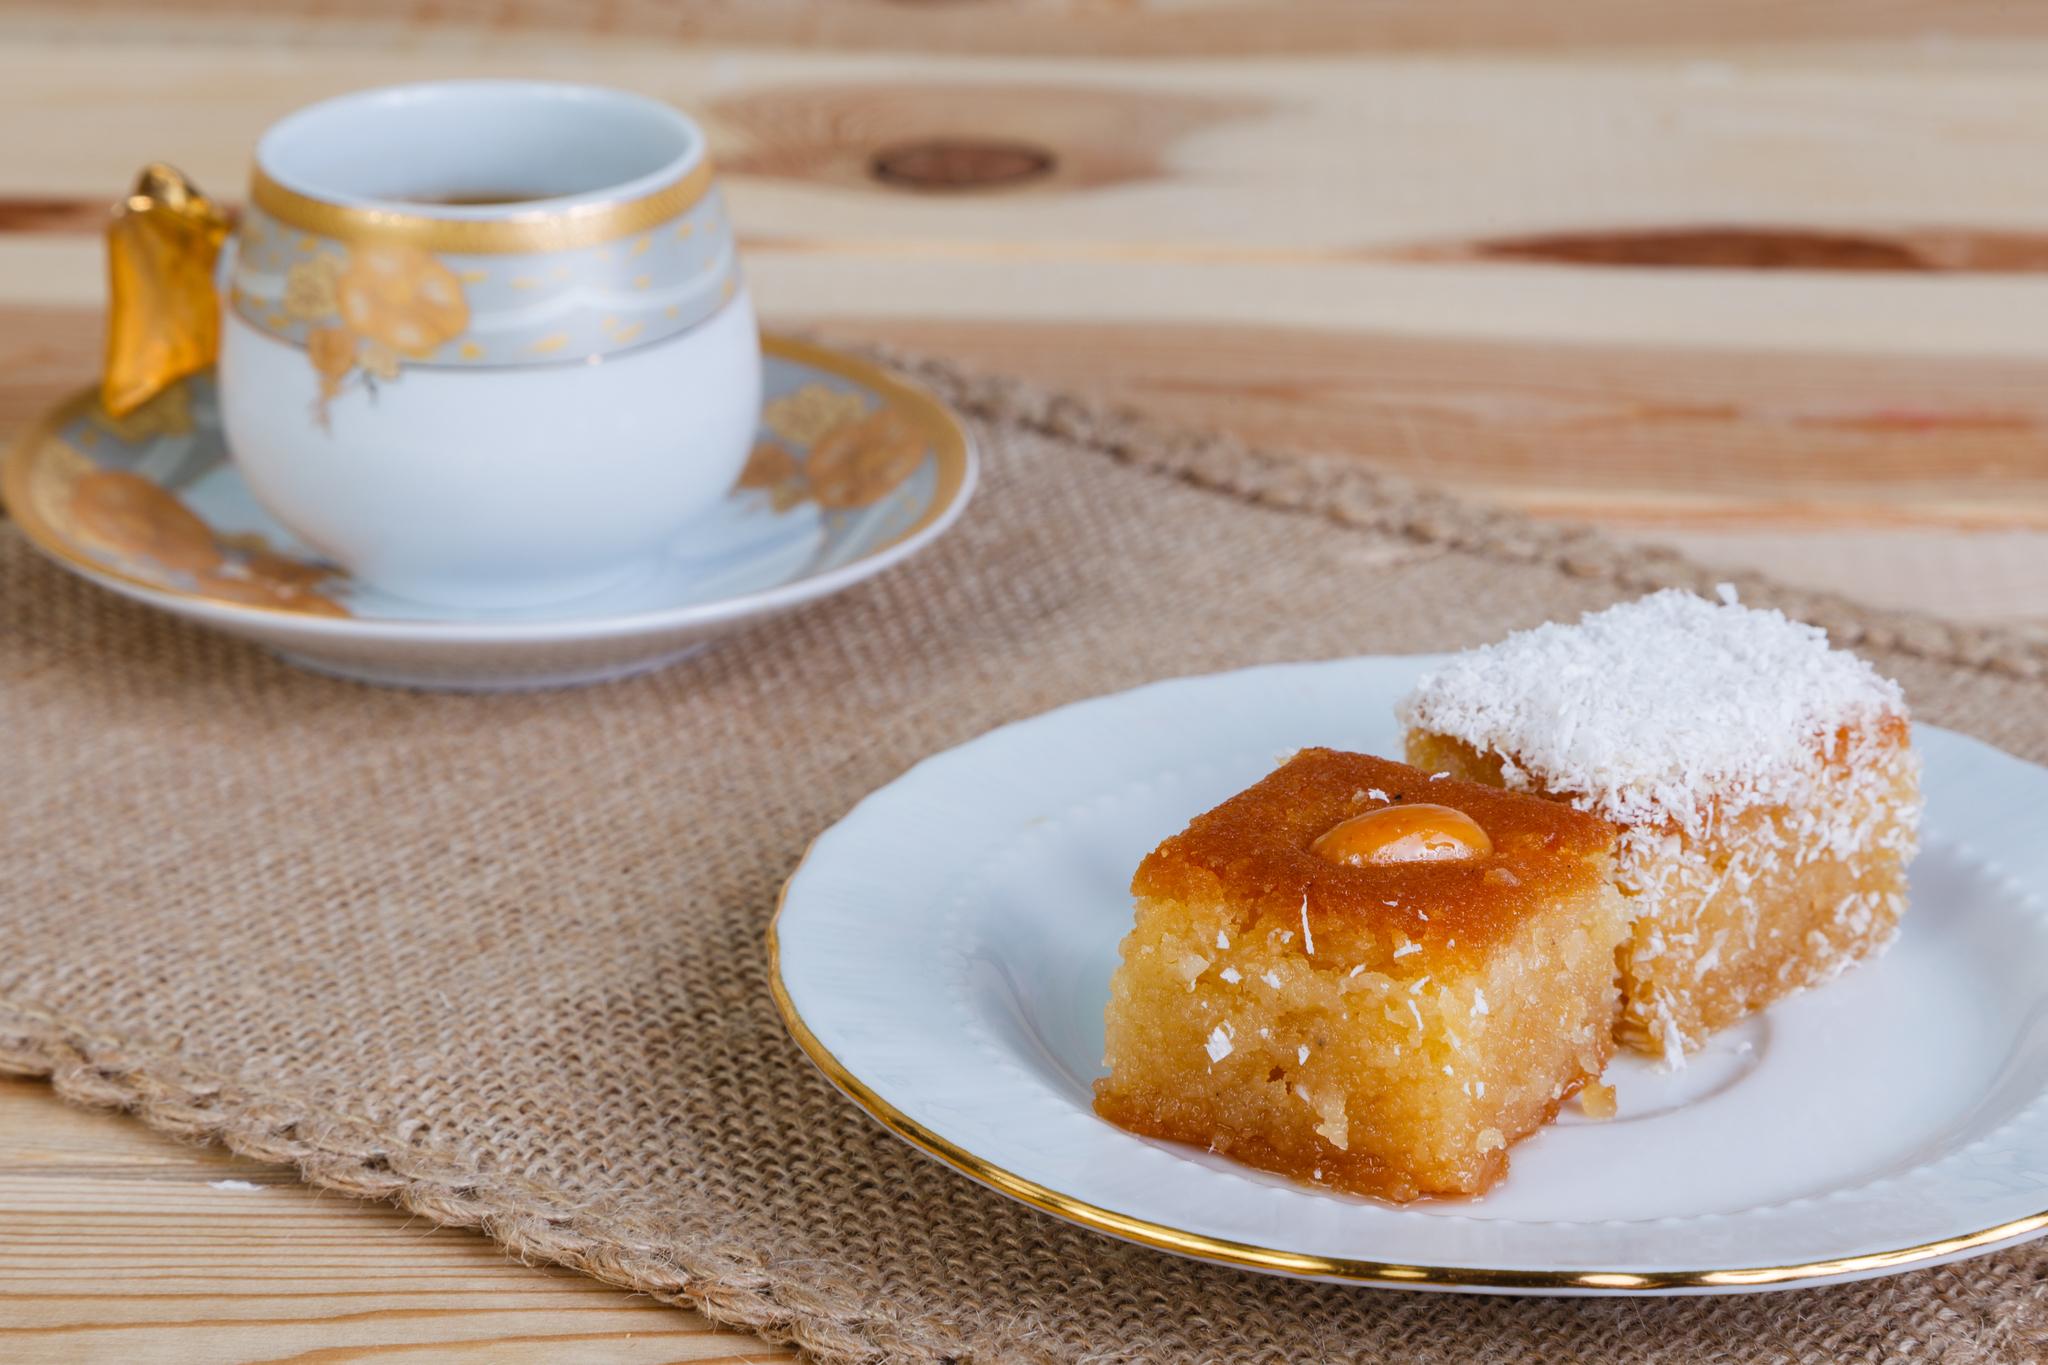 Десерты Восточный десерт Намура с кокосом, 400 г import_files_7e_7e6d0bbe787e11e799f3606c664b1de1_2456a3e72e9411e8a993484d7ecee297.jpg